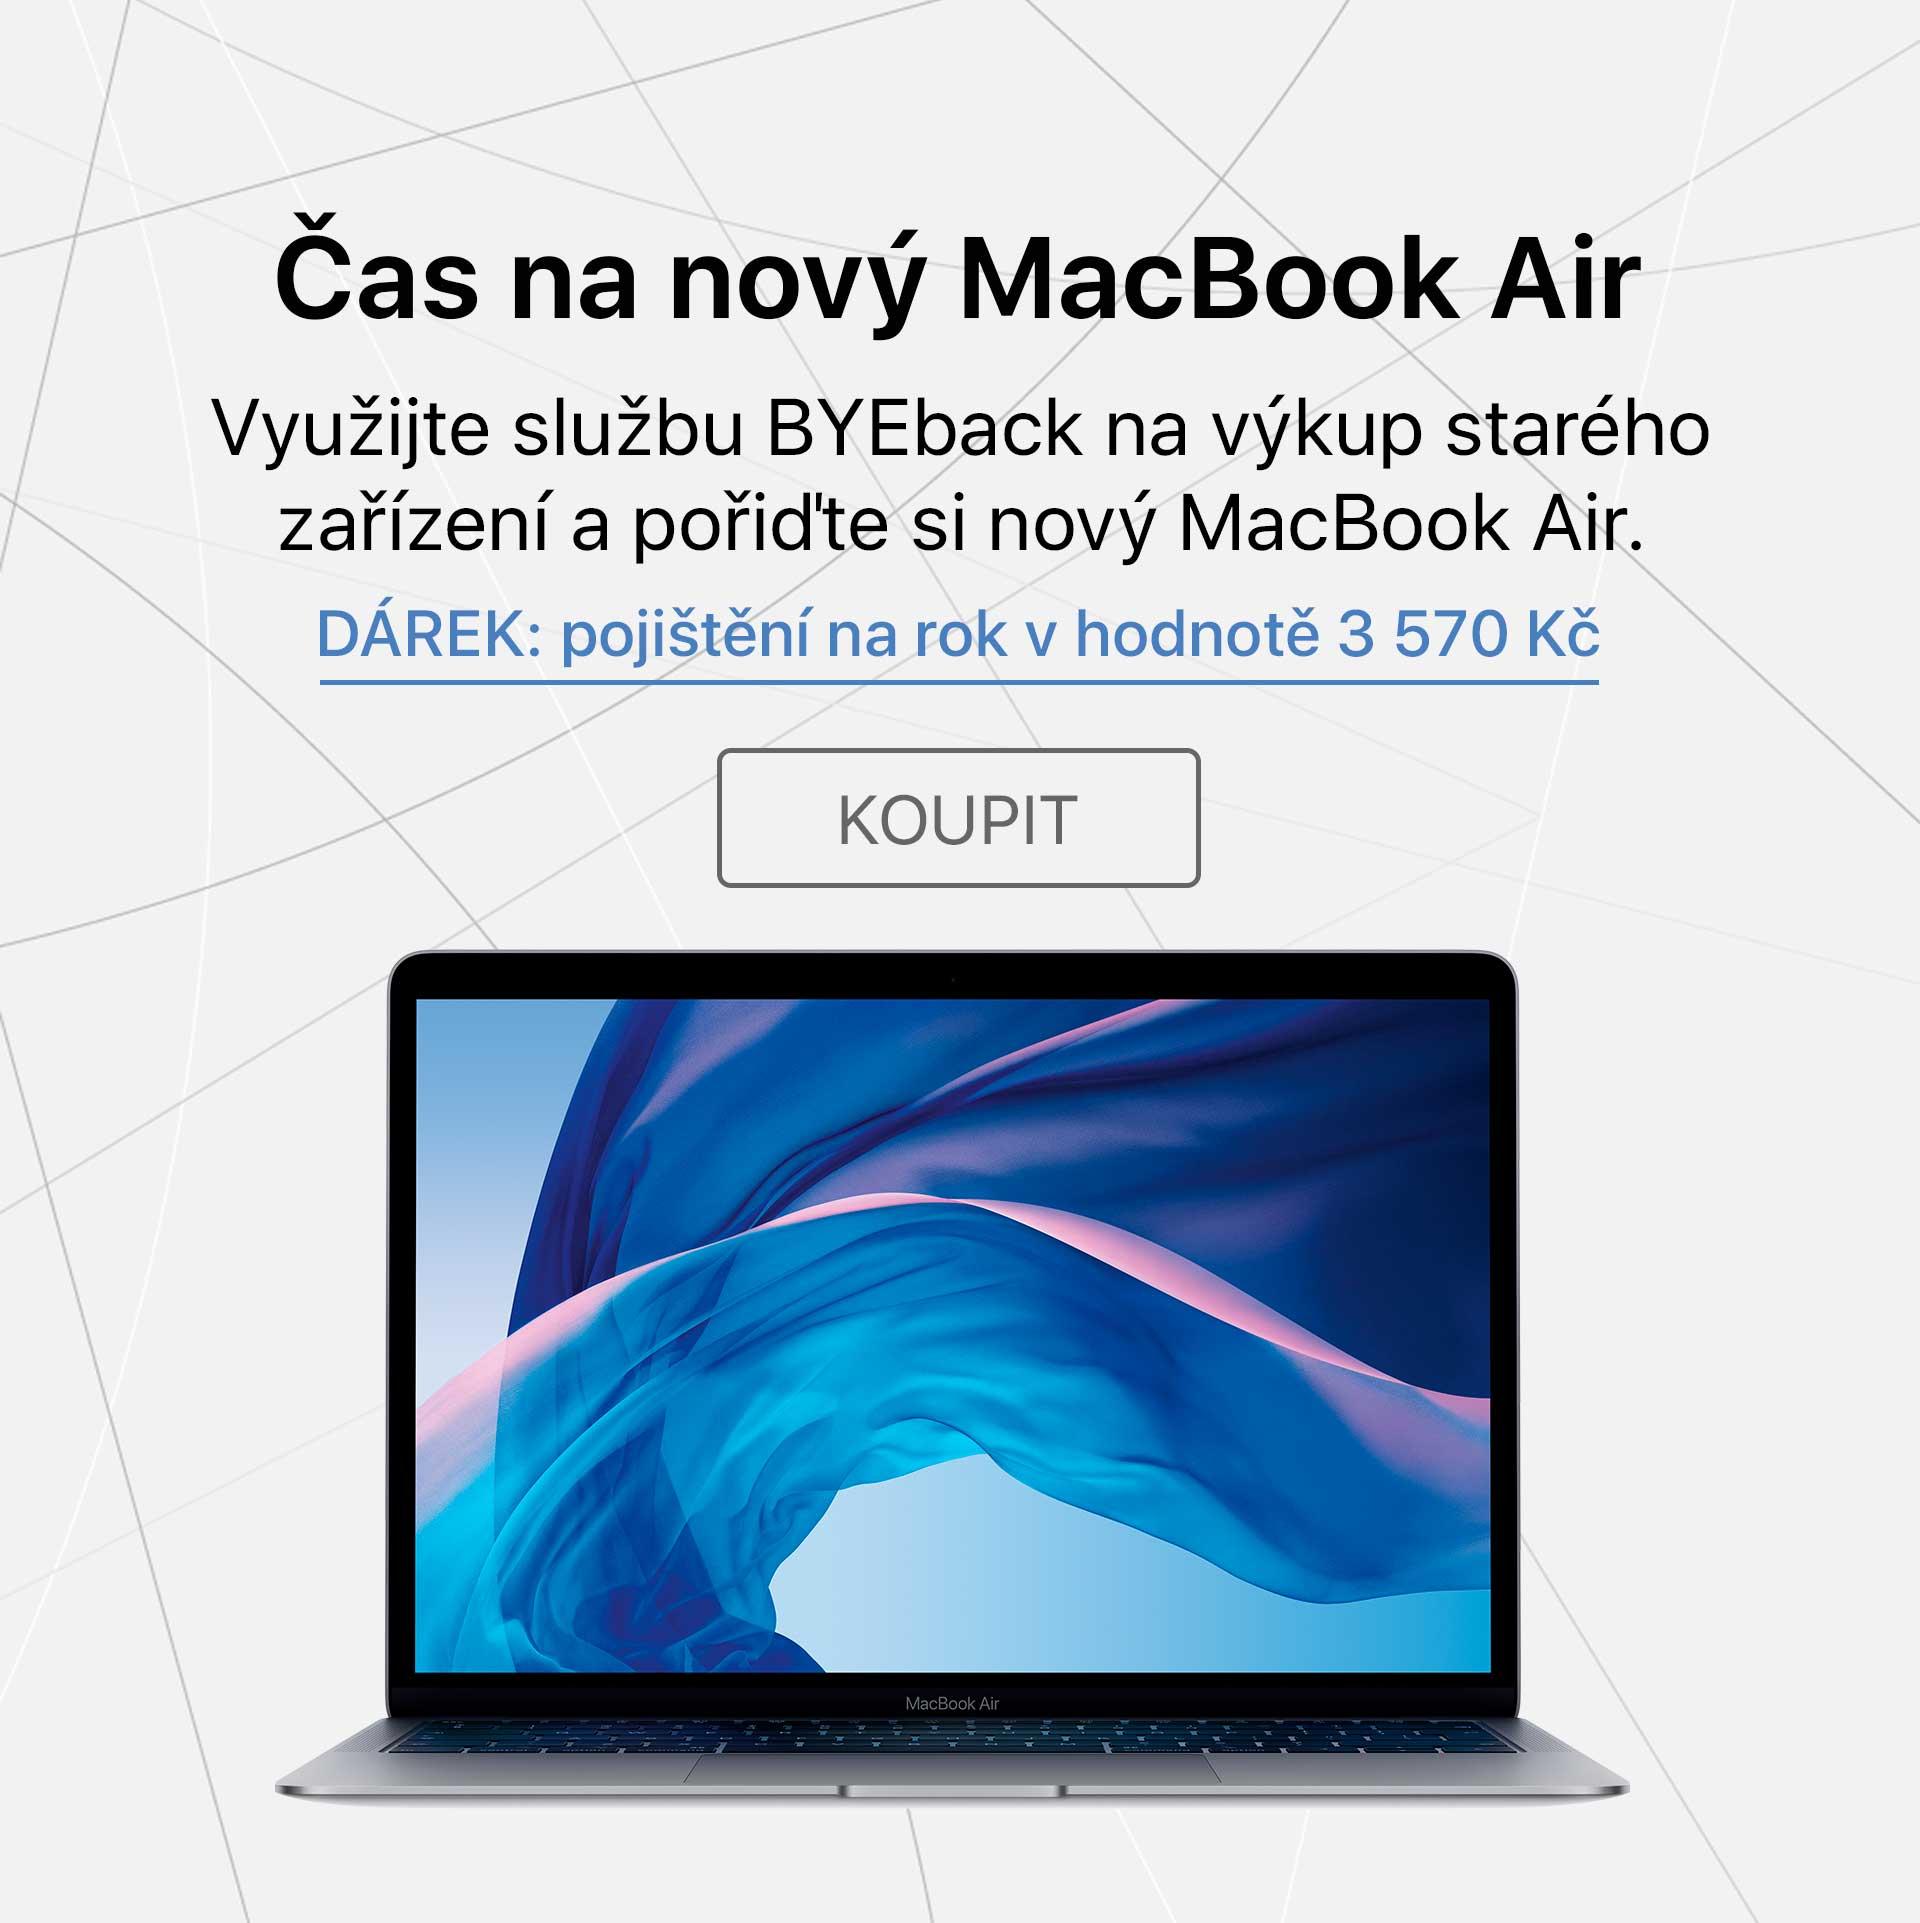 MacBook Air + pojisteni